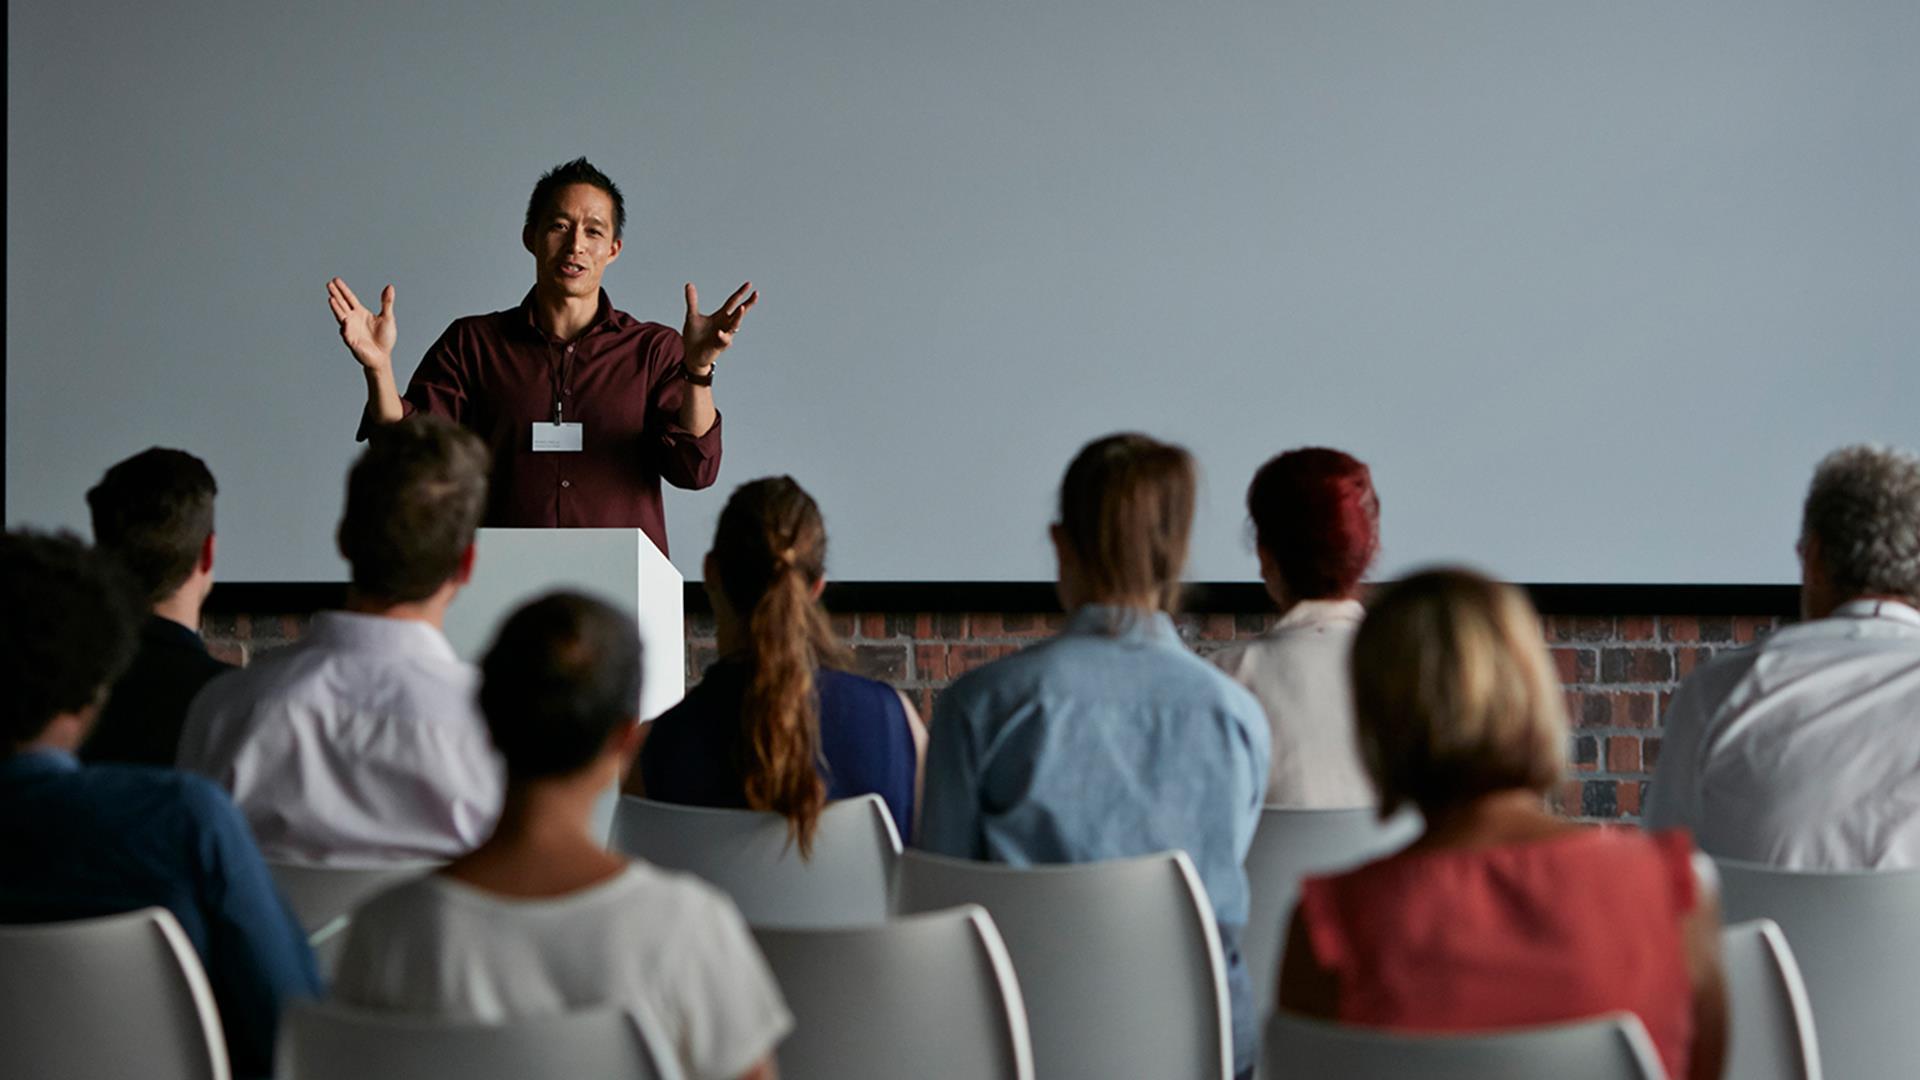 Falando em publico